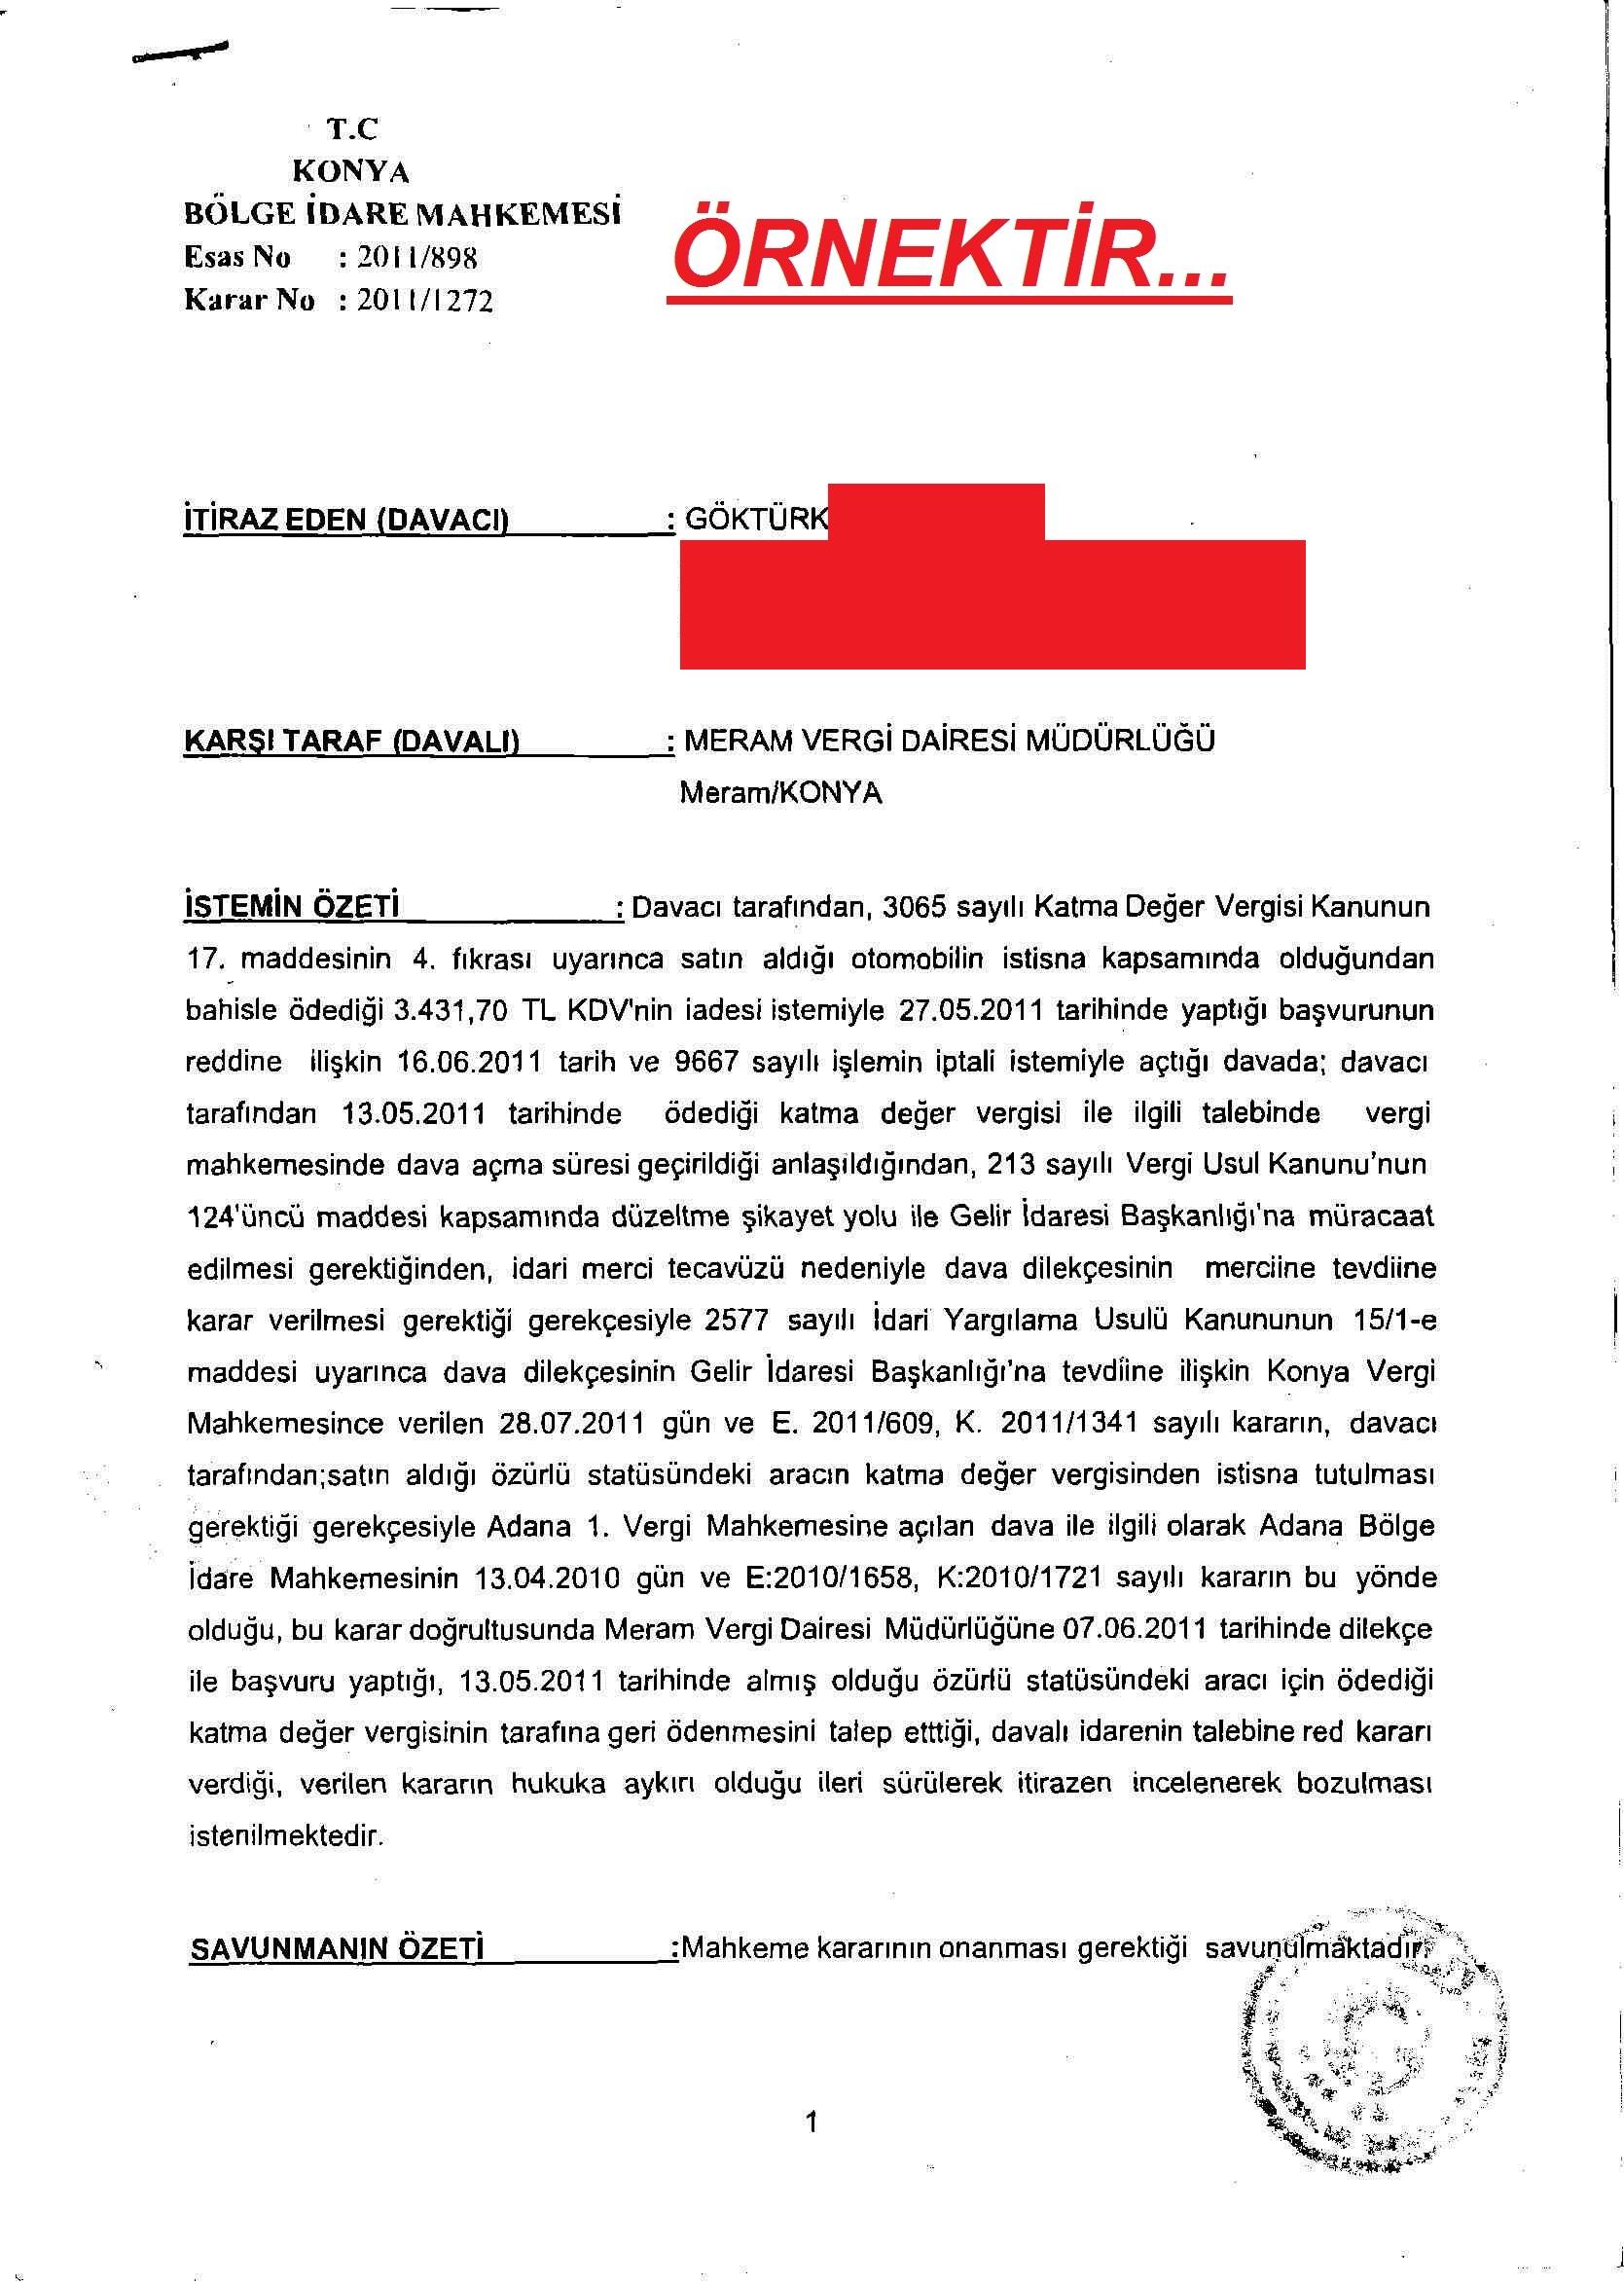 konya bolge idare1 - Sakat statüsünde alınan araç için ödenen KDV'nin geri alınması işlemleri ve süreç